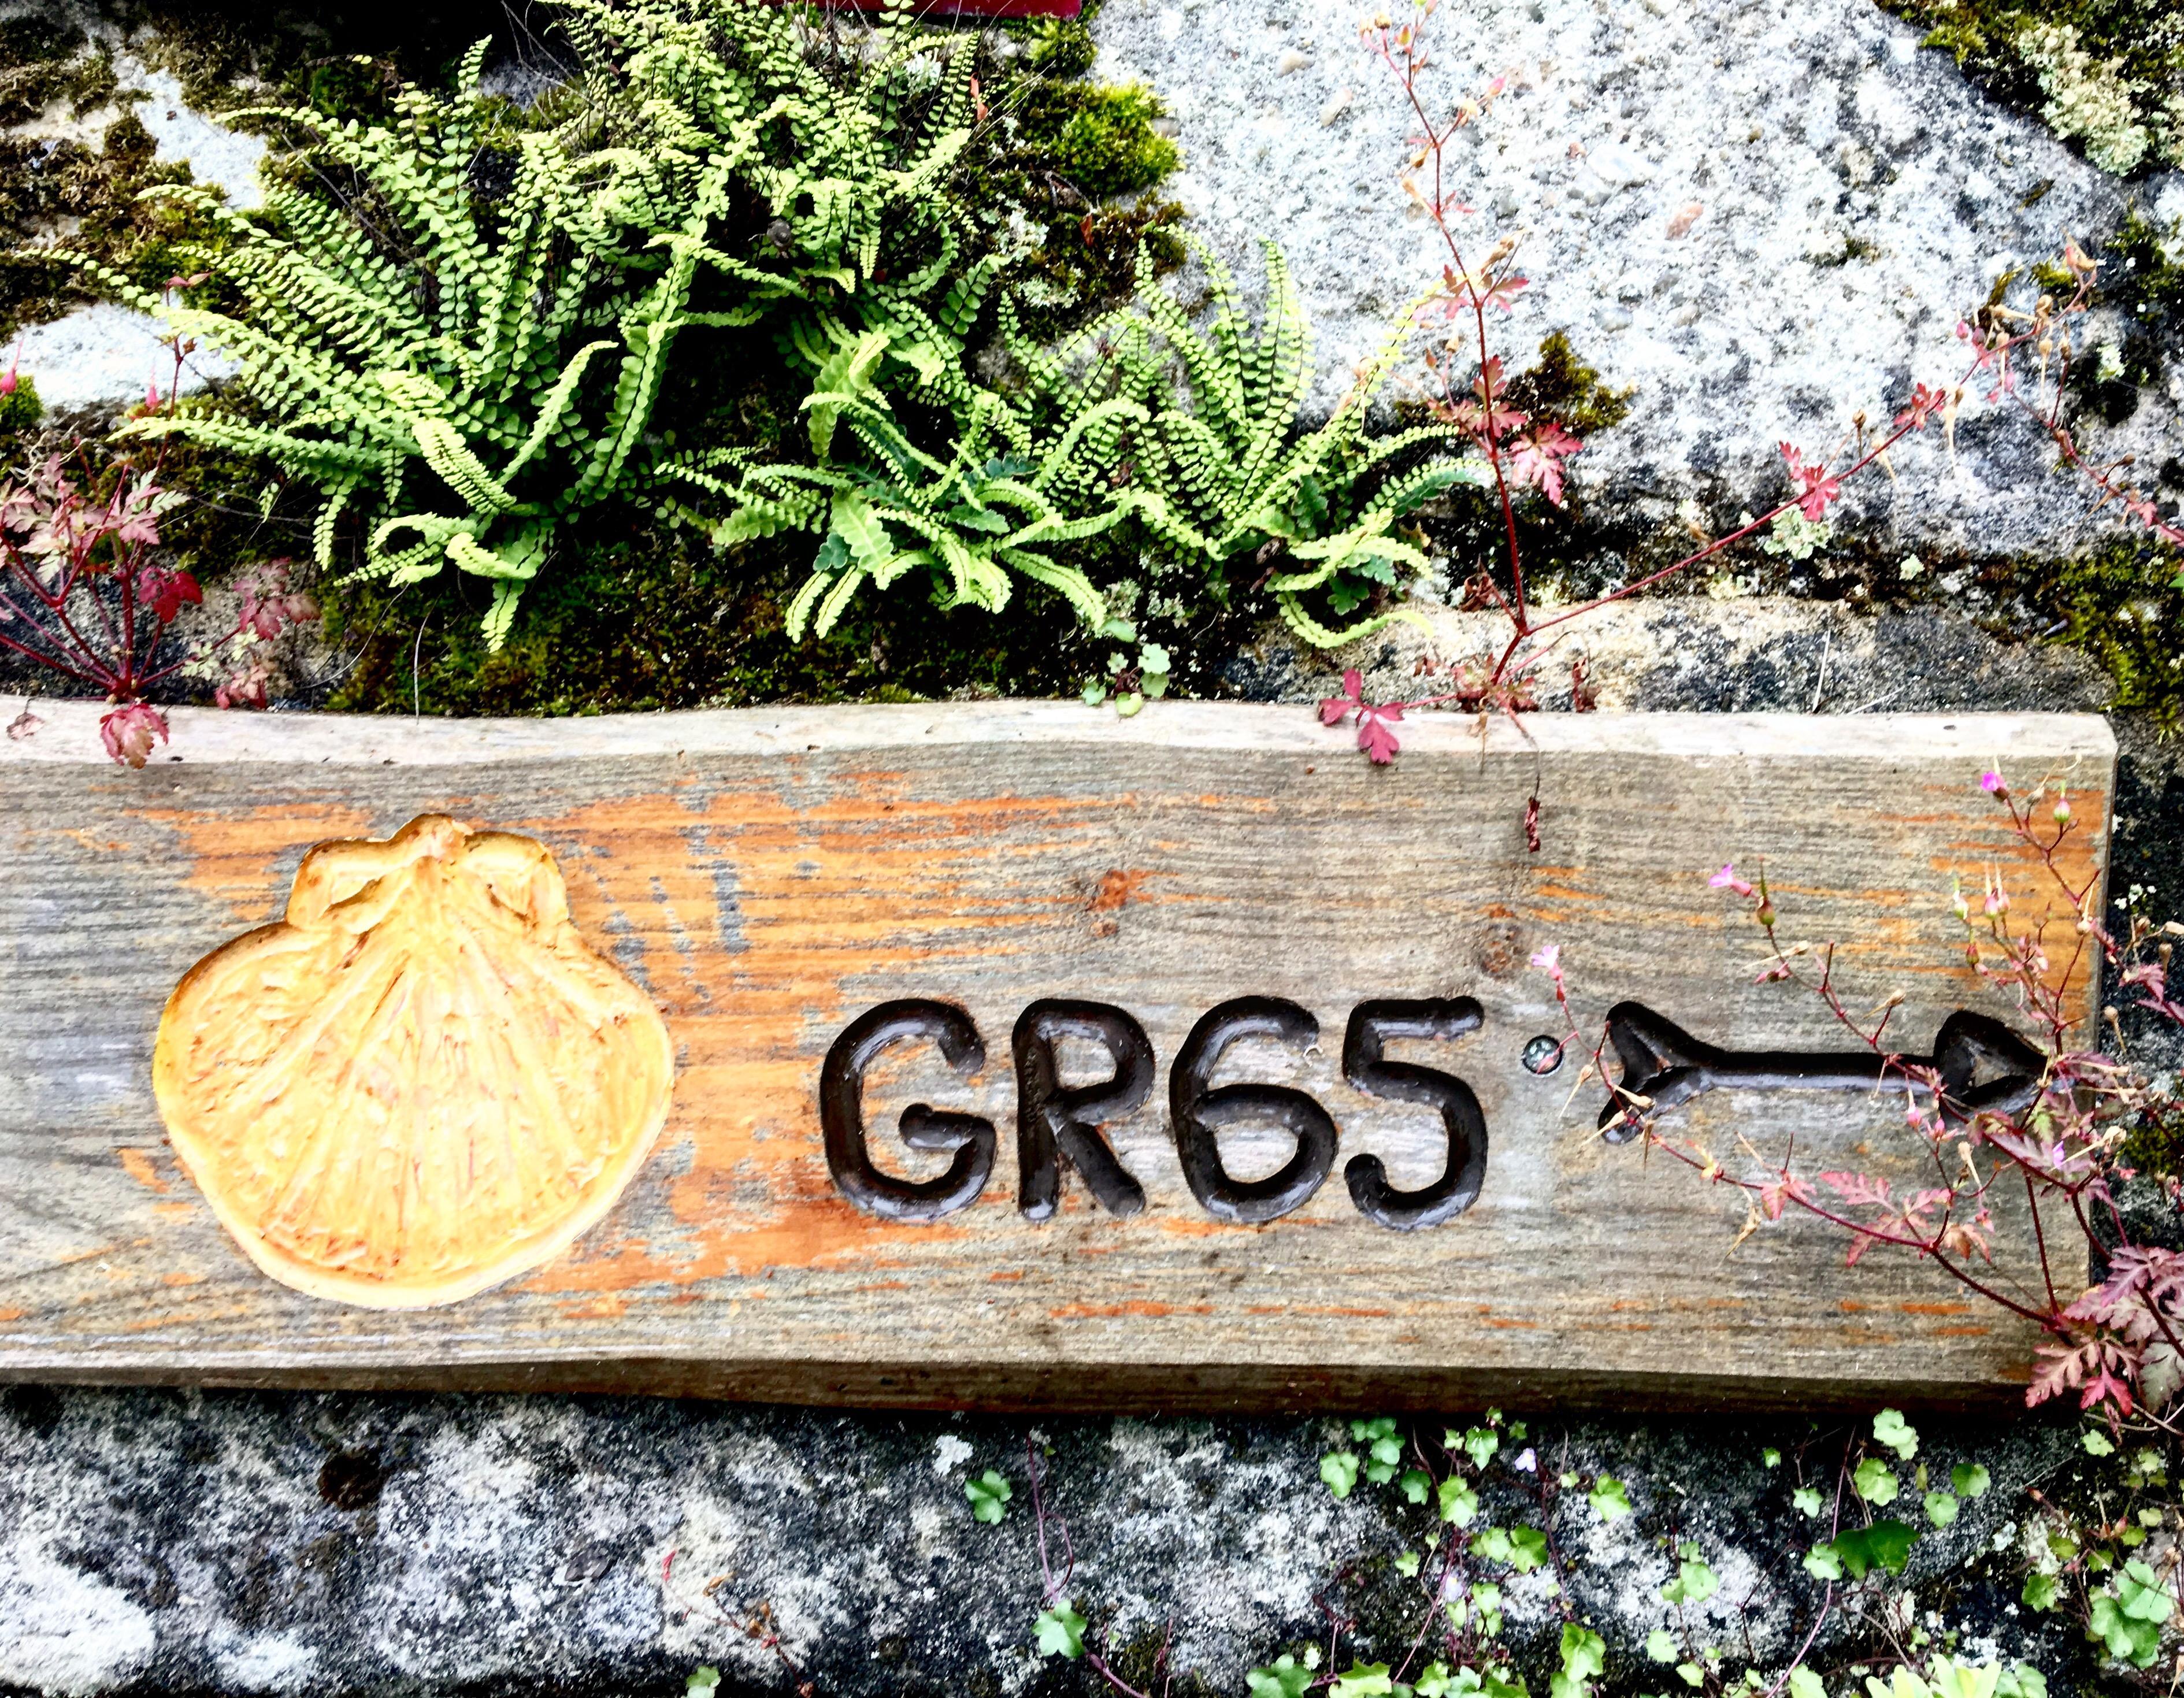 gr 65 sign, chemin du puy